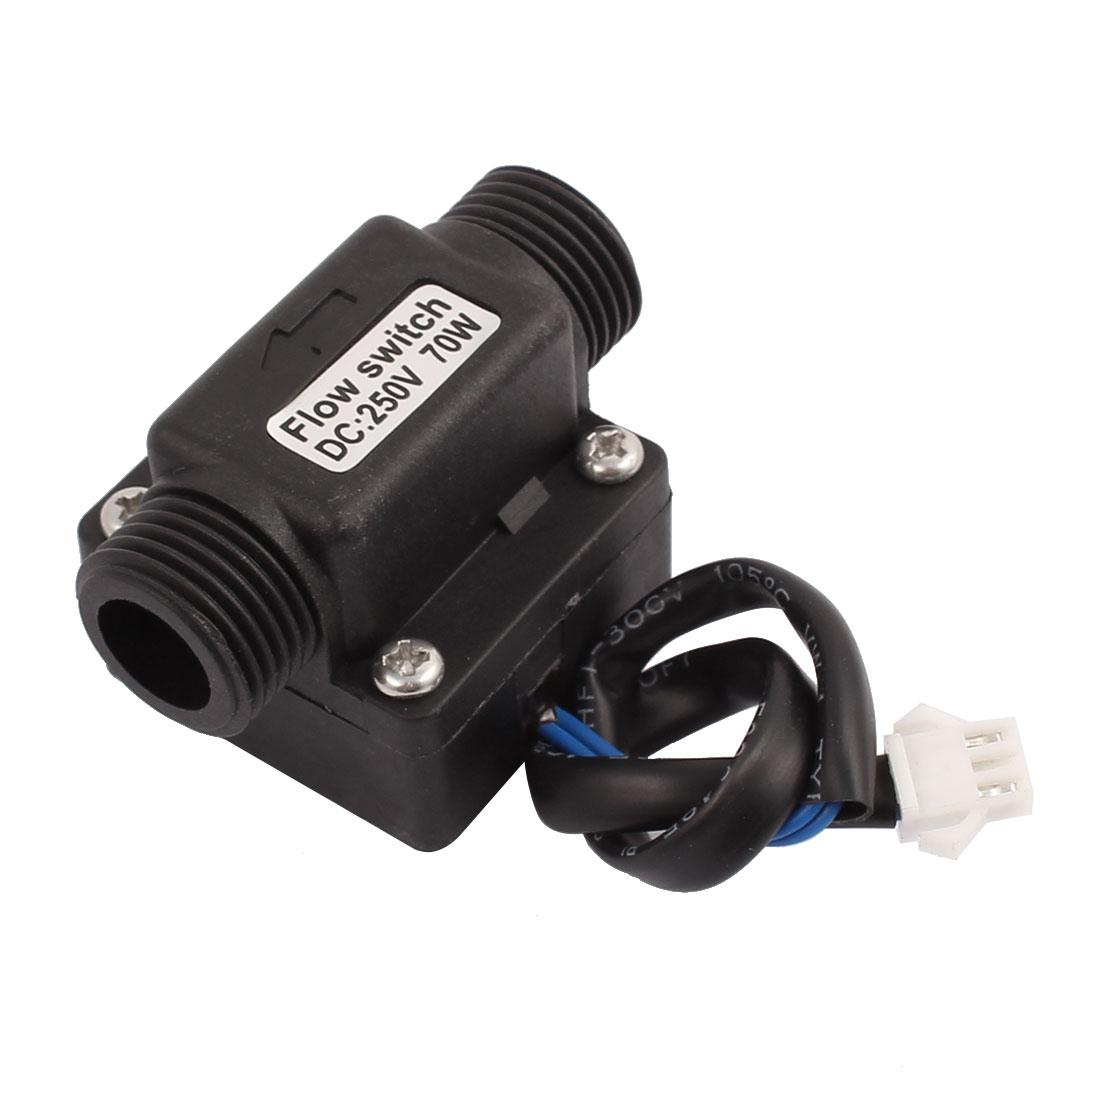 SEN-FB21WA G1/2 DC250V 70W Male Thread Plastic Hall Water Switch 2.5-30L/min 70mm